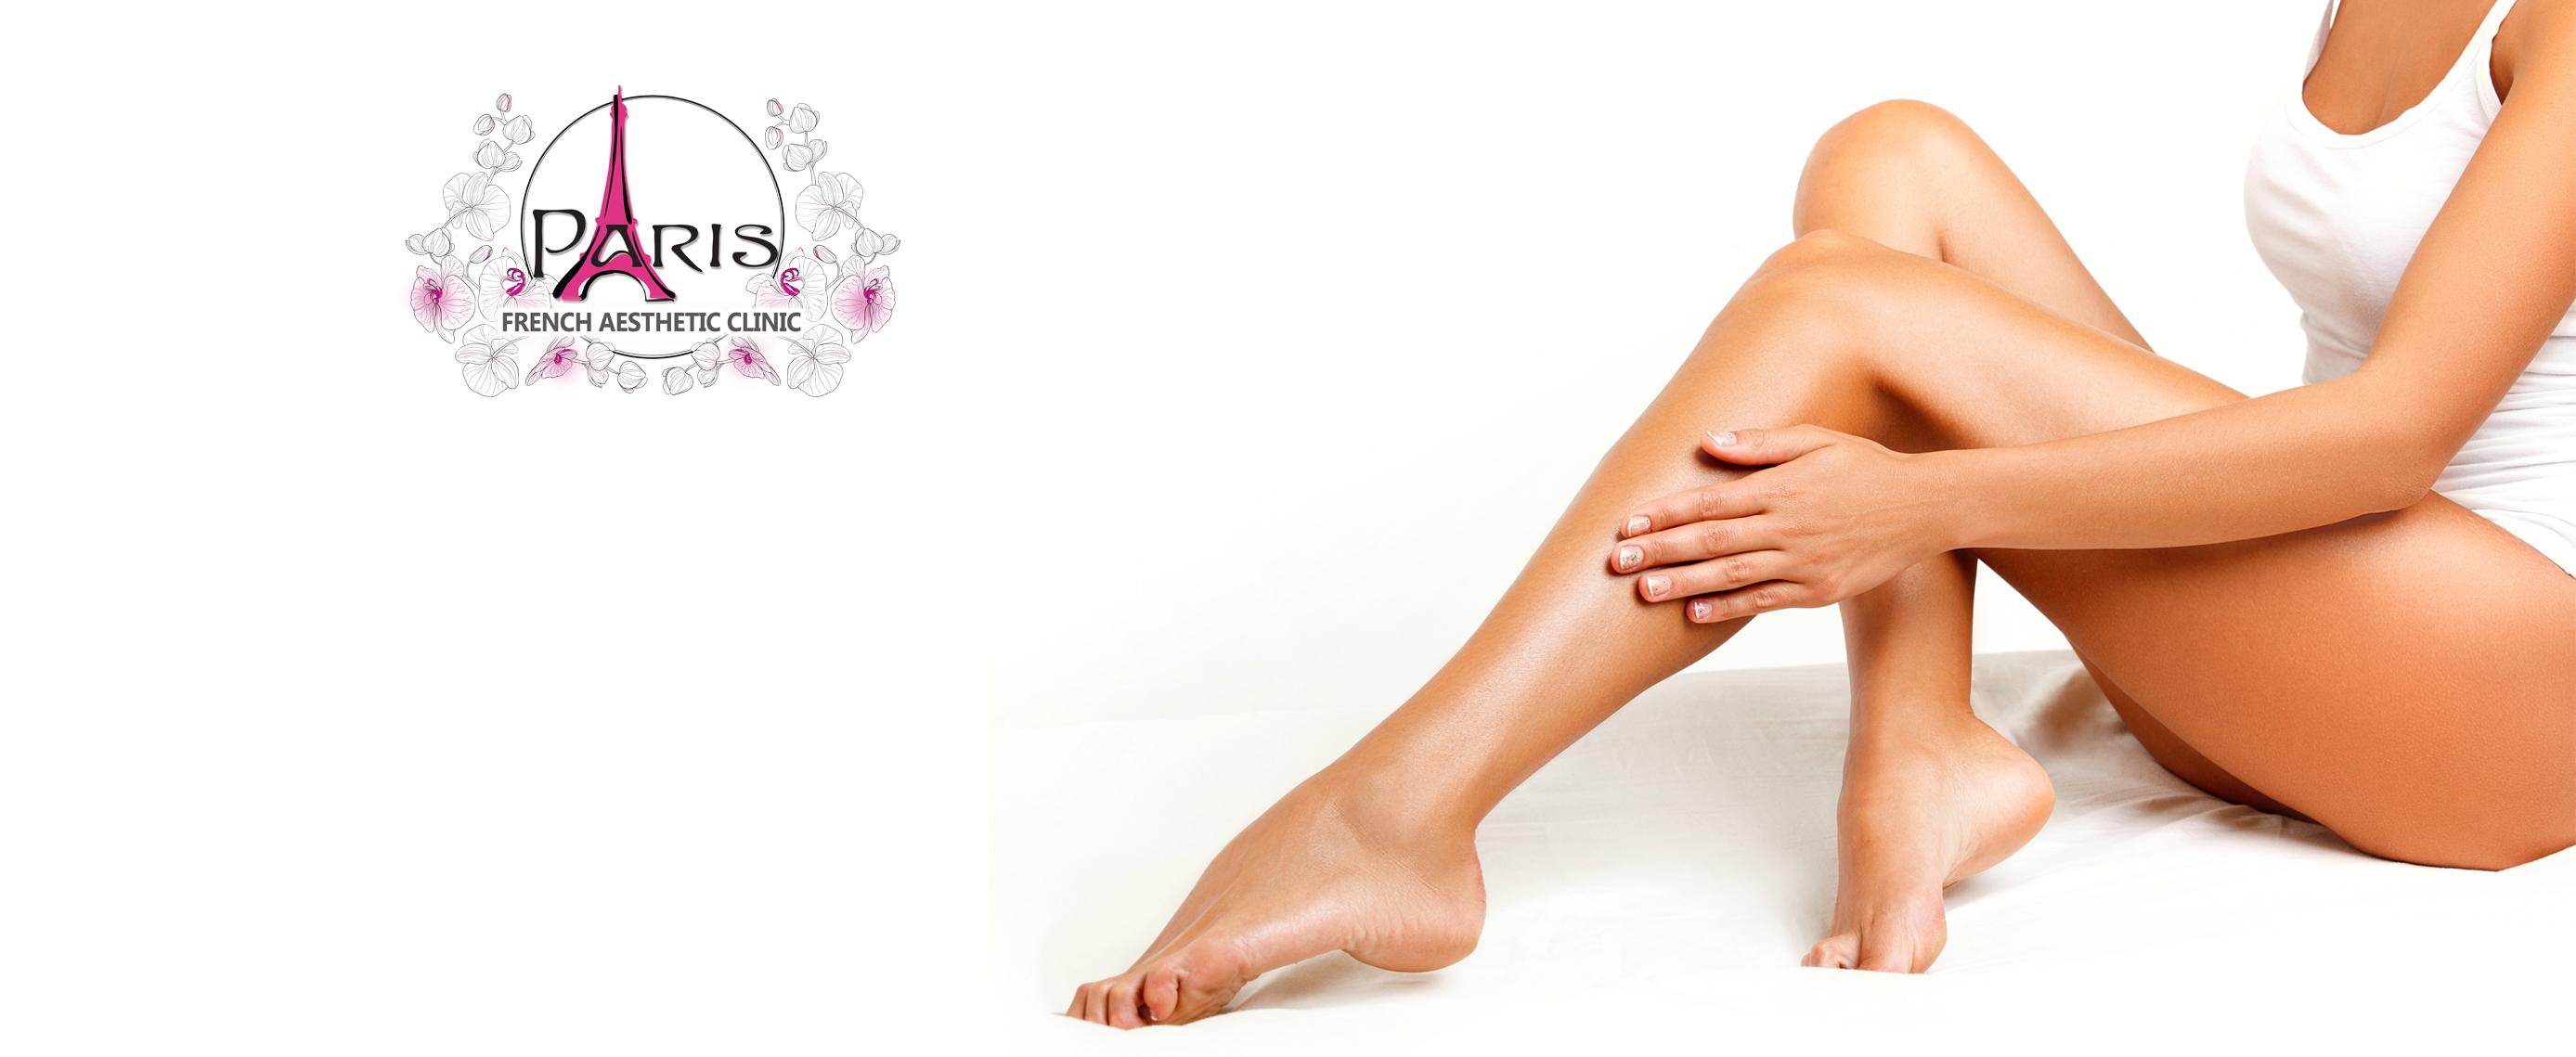 Естетично лечение и премахване на кръвоносни съдове, капиляри с лазер >> За крака без зачервявания и видими капиляри!